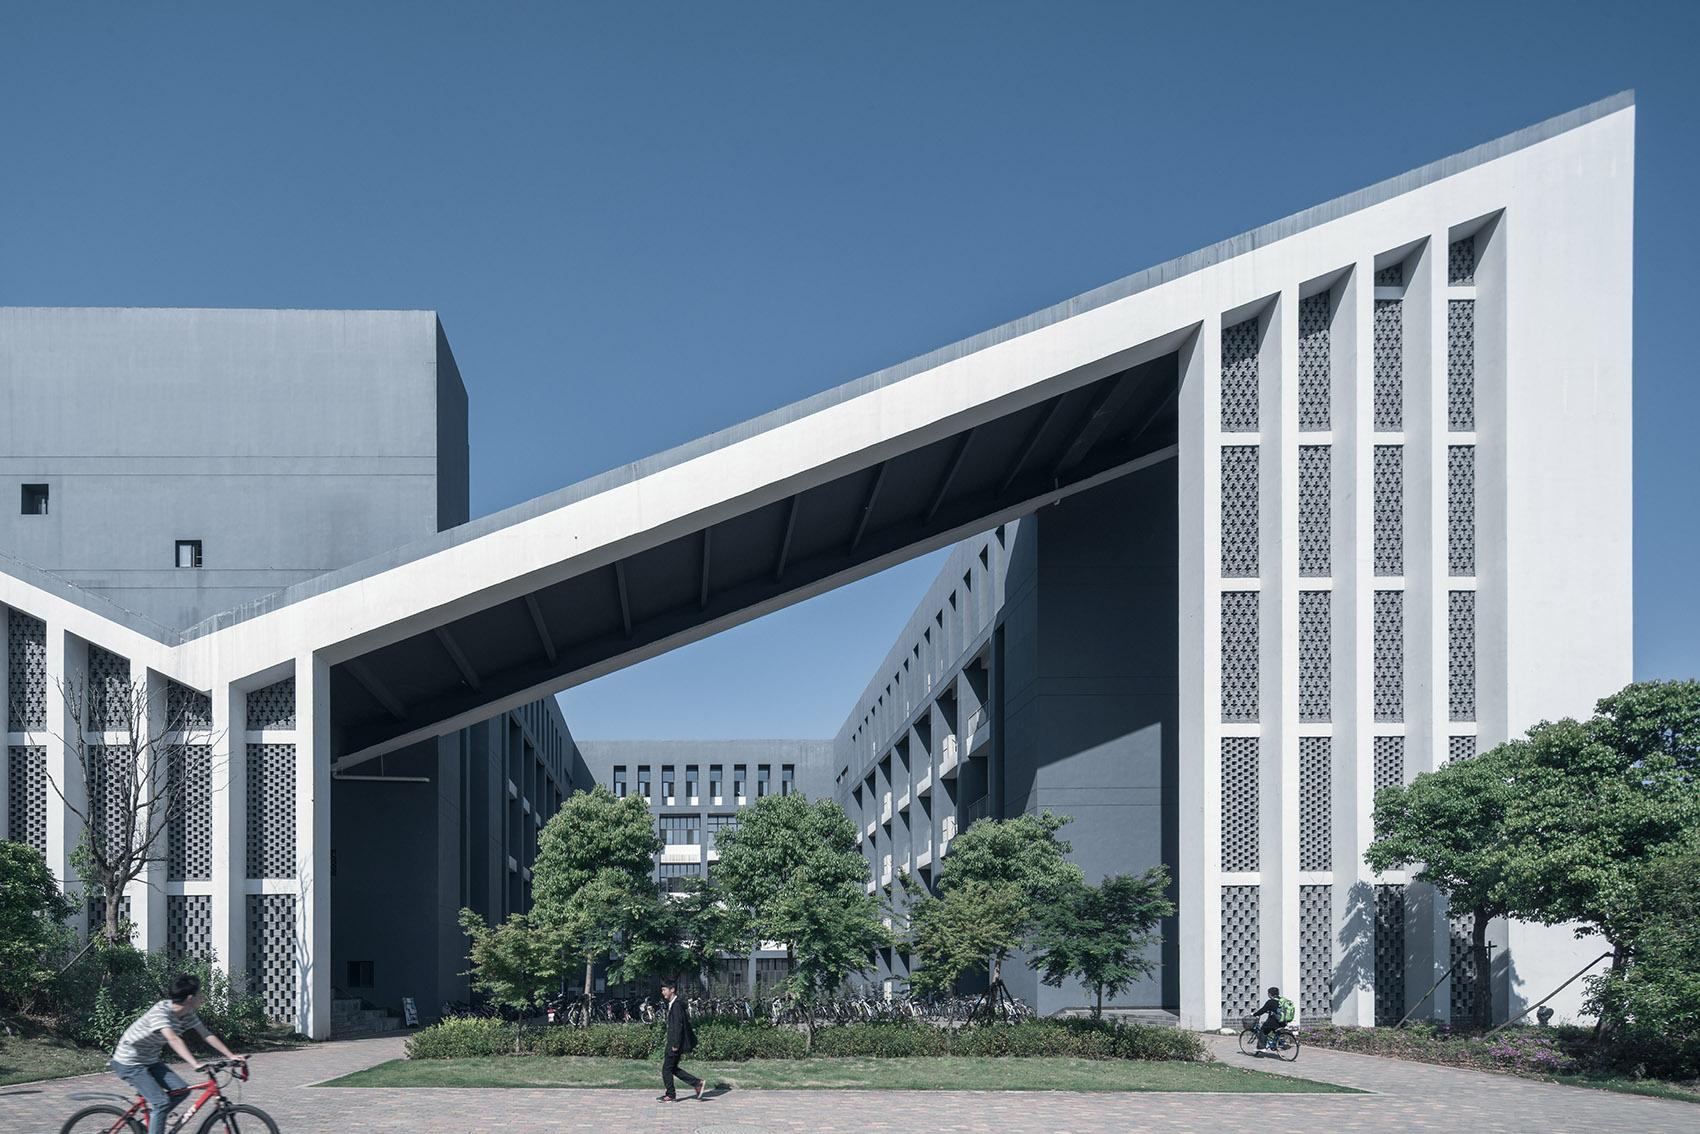 宣城二期教学楼华南理工大学建筑设计研究院-北京建筑设计院暖通图片